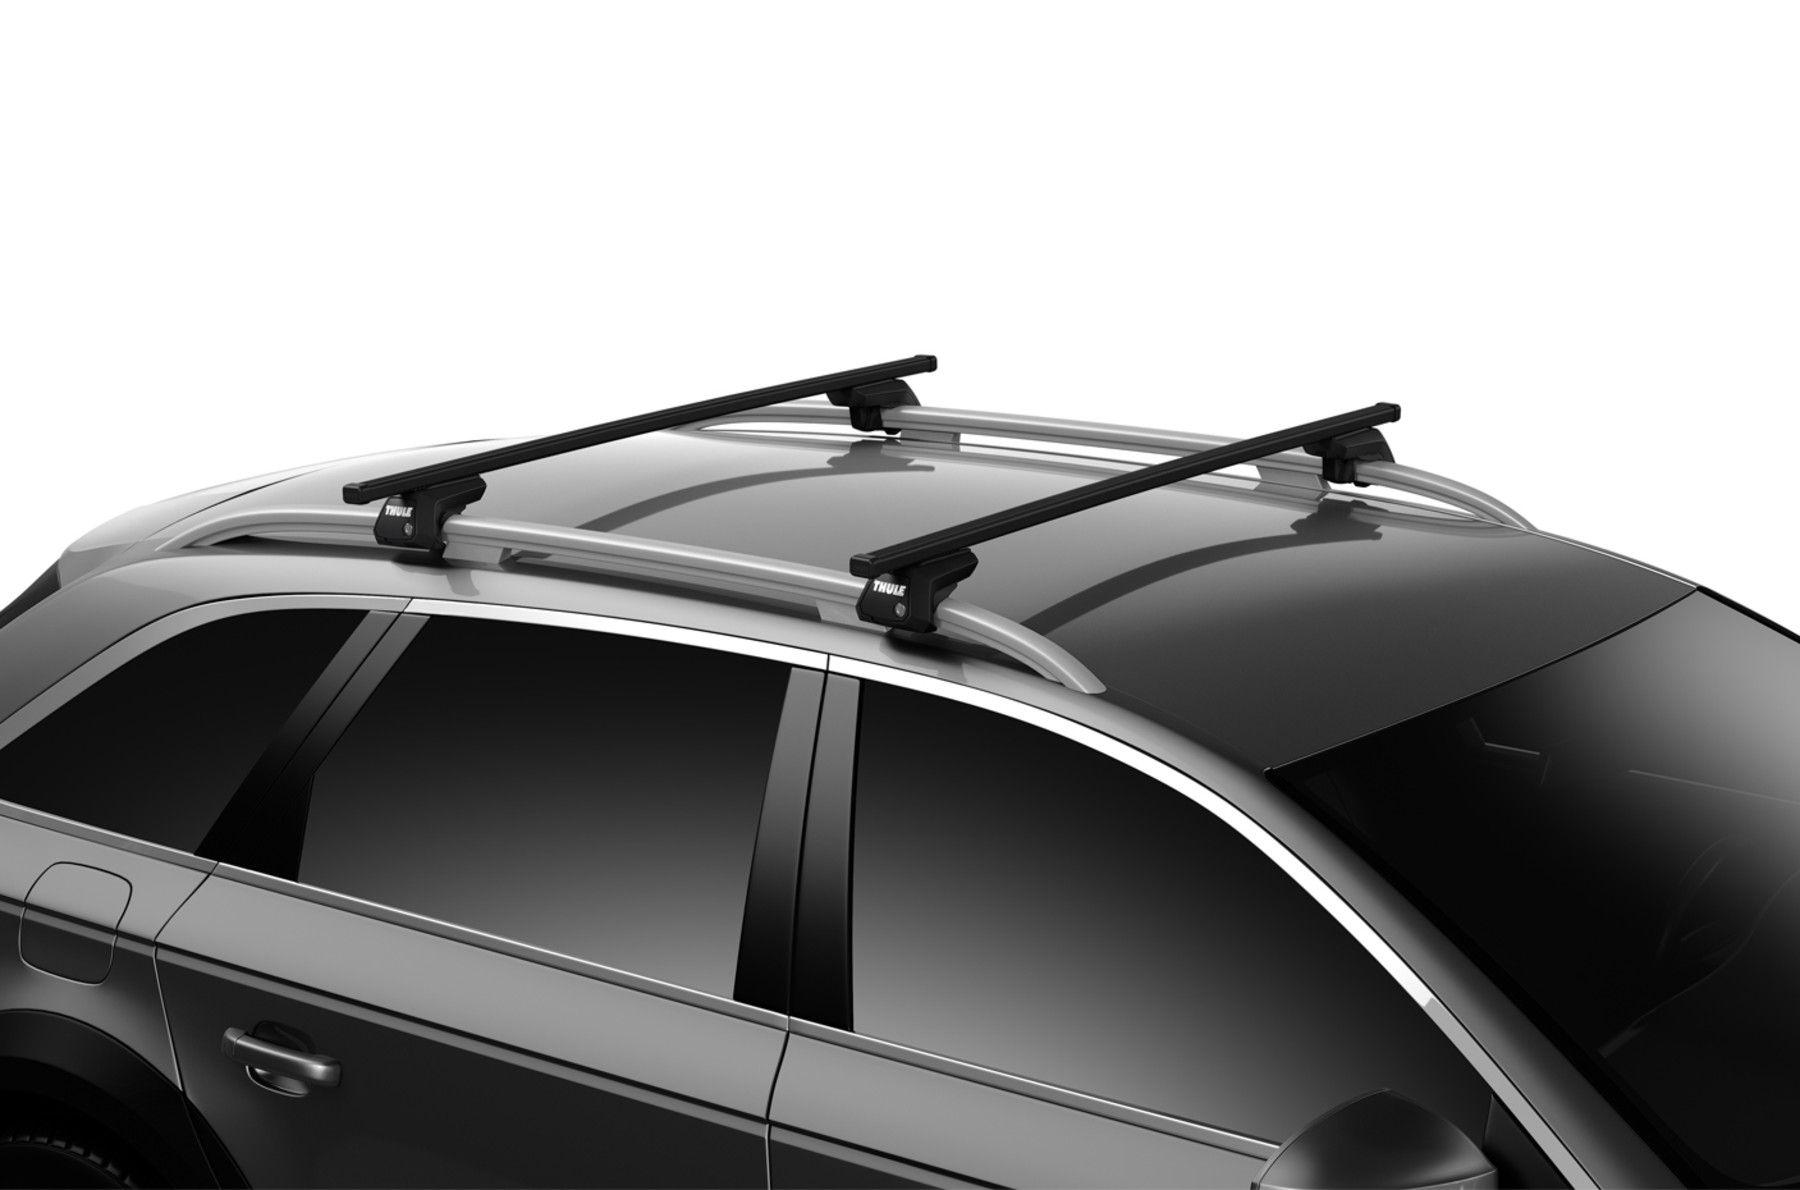 Where To Buy Thule Roof Racks In 2020 Thule Roof Rack Roof Rack Car Roof Racks